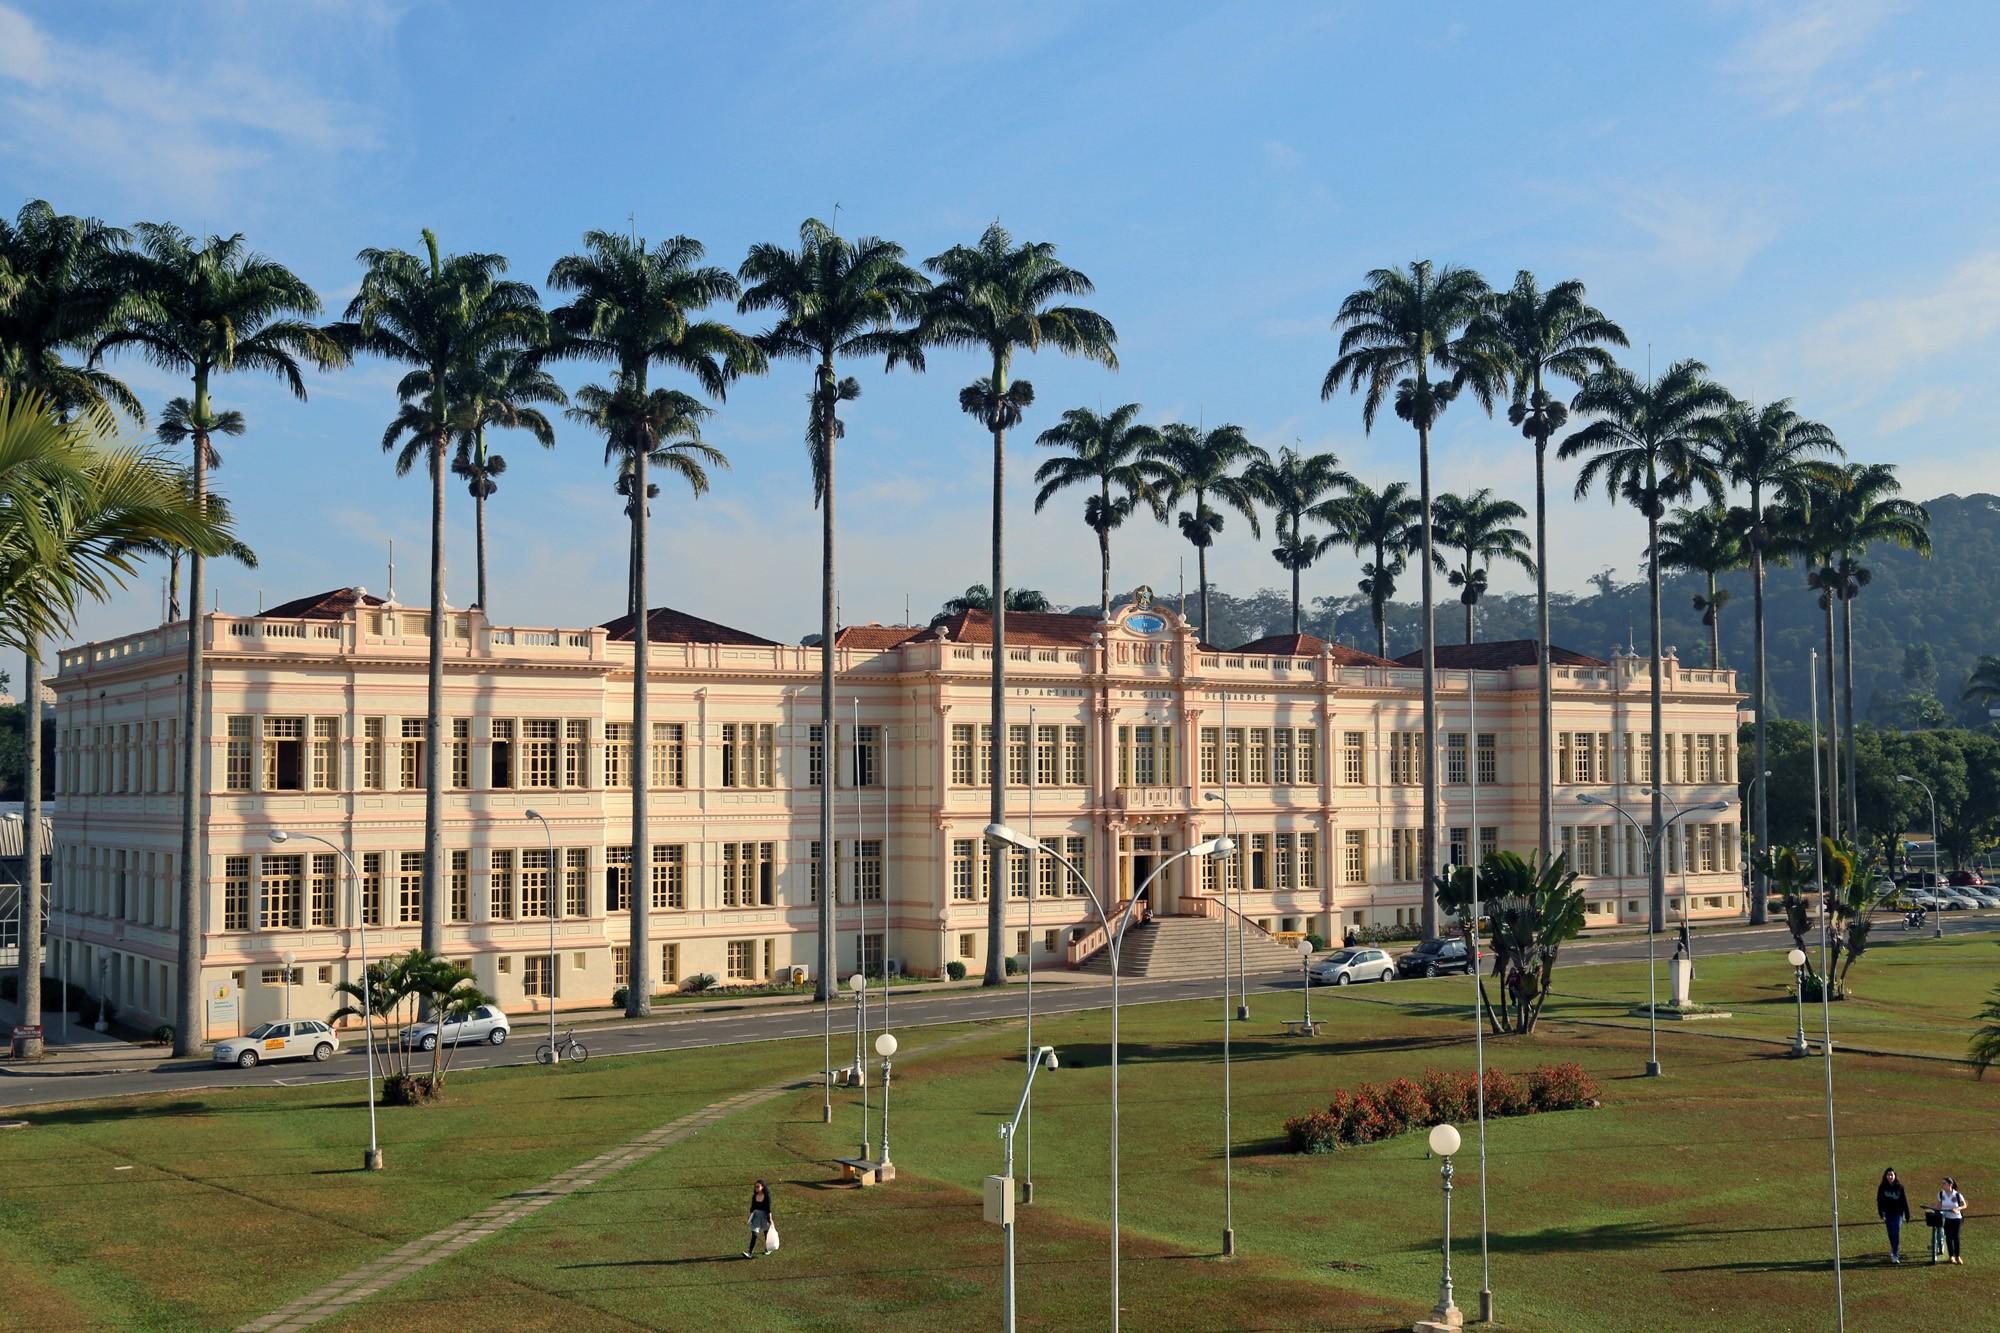 Pesquisa internacional aponta universidades federais da Zona da Mata e Vertentes entre as 30 melhores do Brasil - Notícias - Plantão Diário